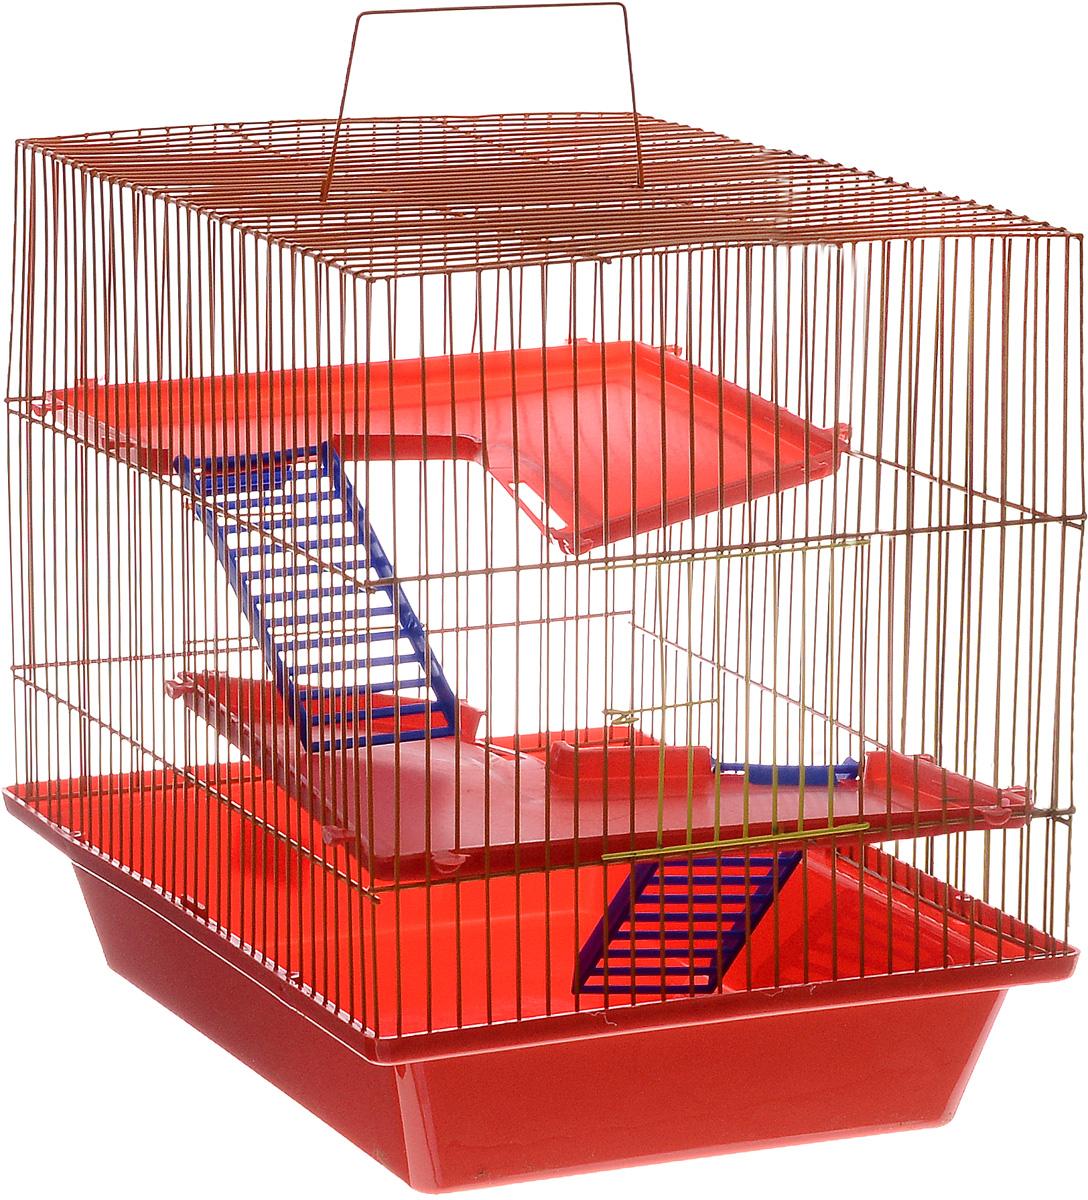 Клетка для грызунов ЗооМарк Гризли, 3-этажная, цвет: красный поддон, оранжевая решетка, красные этажи, 41 х 30 х 36 см0120710Клетка ЗооМарк Гризли, выполненная из полипропилена и металла, подходит для мелких грызунов. Изделие трехэтажное. Клетка имеет яркий поддон, удобна в использовании и легко чистится. Сверху имеется ручка для переноски.Такая клетка станет уединенным личным пространством и уютным домиком для маленького грызуна.